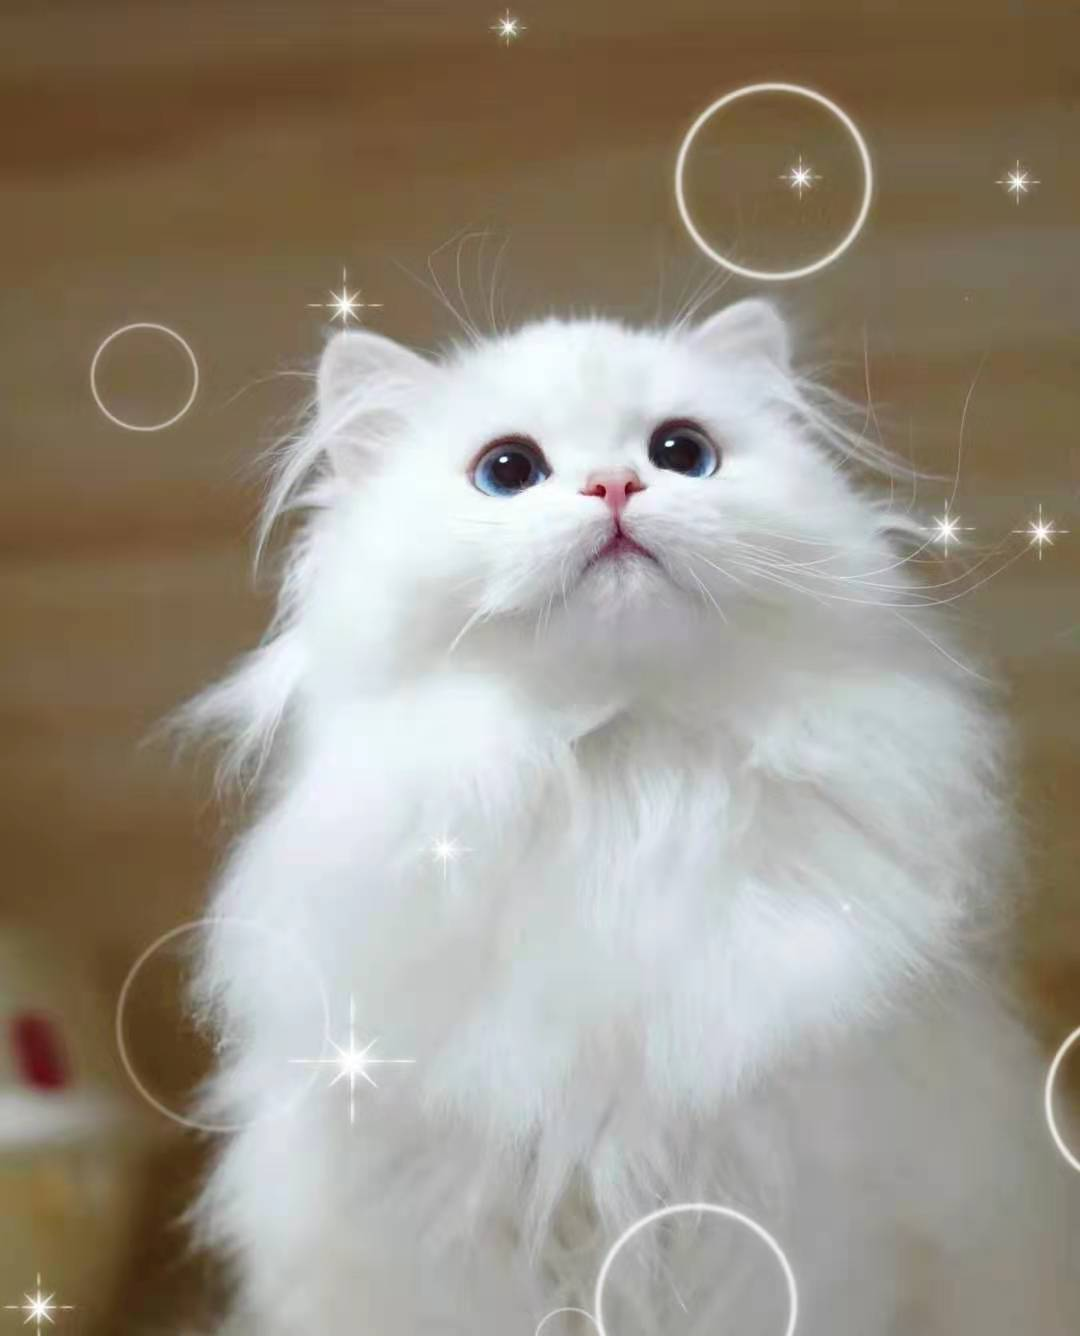 猫咪生病的迹象,看懂前兆比治病更重要